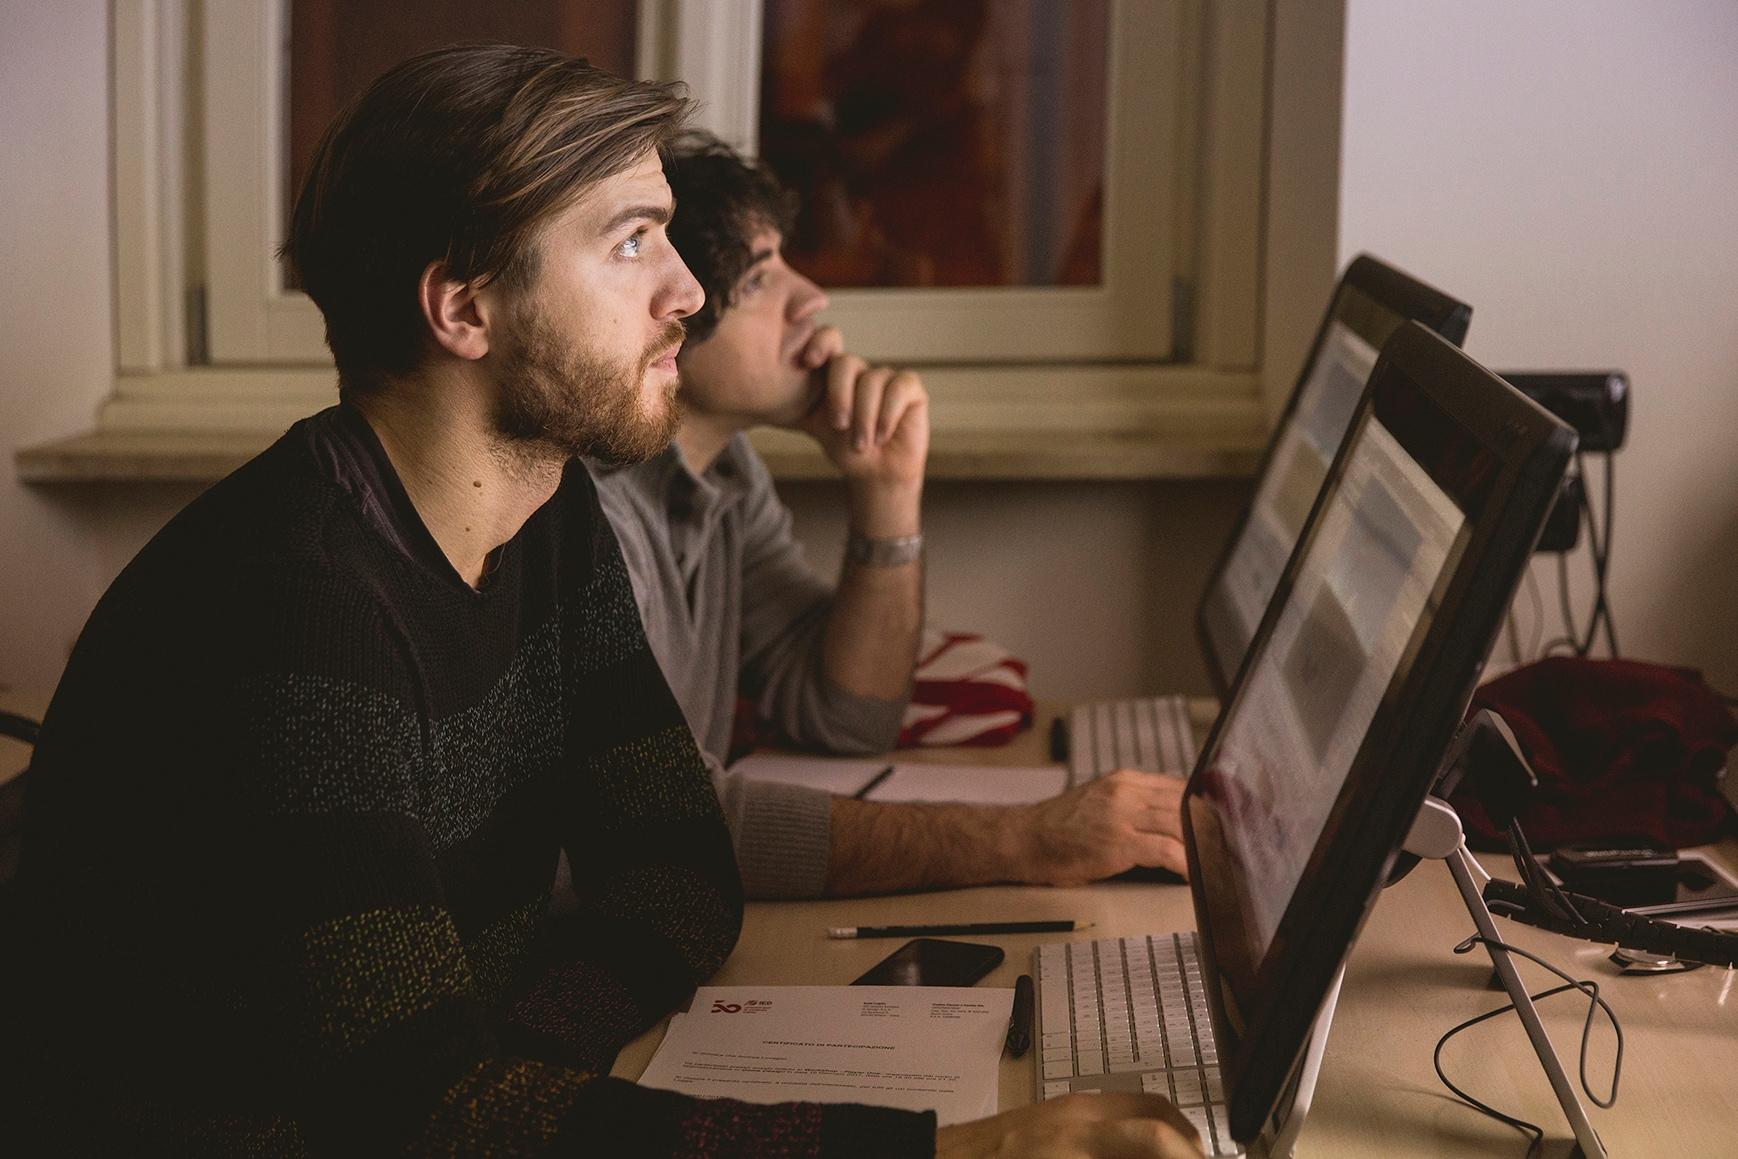 Borse Di Studio Ied Moda : Borse di studio per lo ied istituto europeo